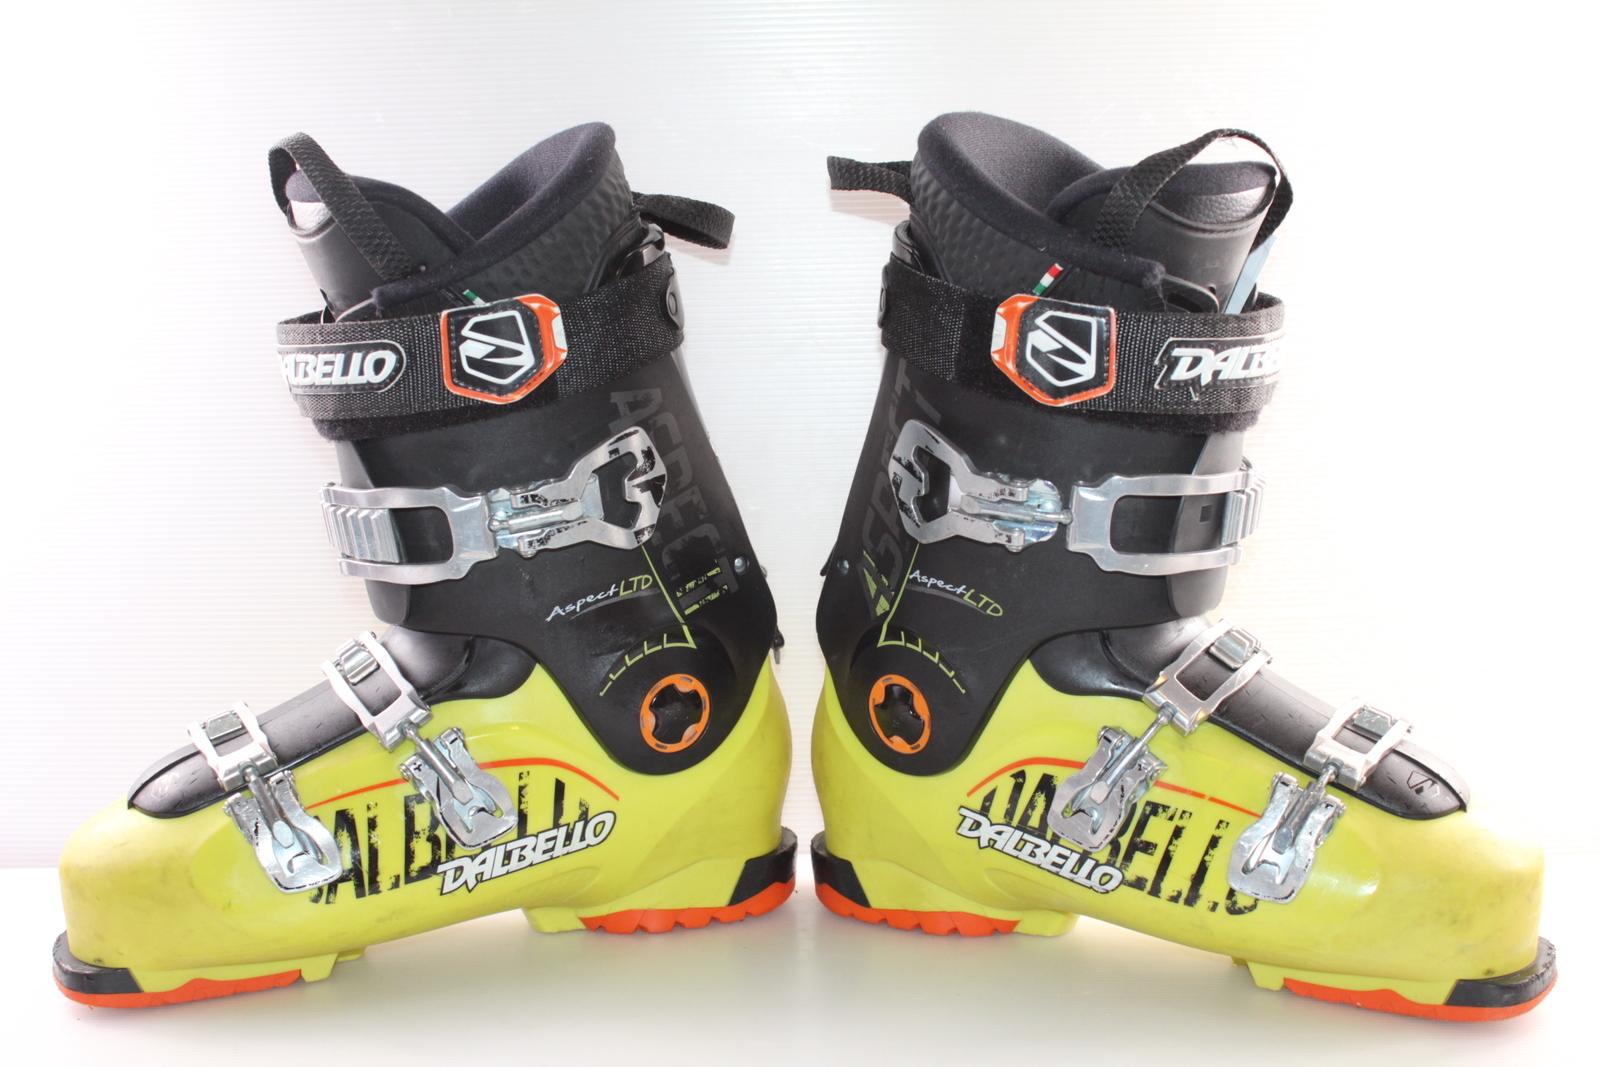 Lyžařské boty Dalbello Aspect LTD vel. EU45